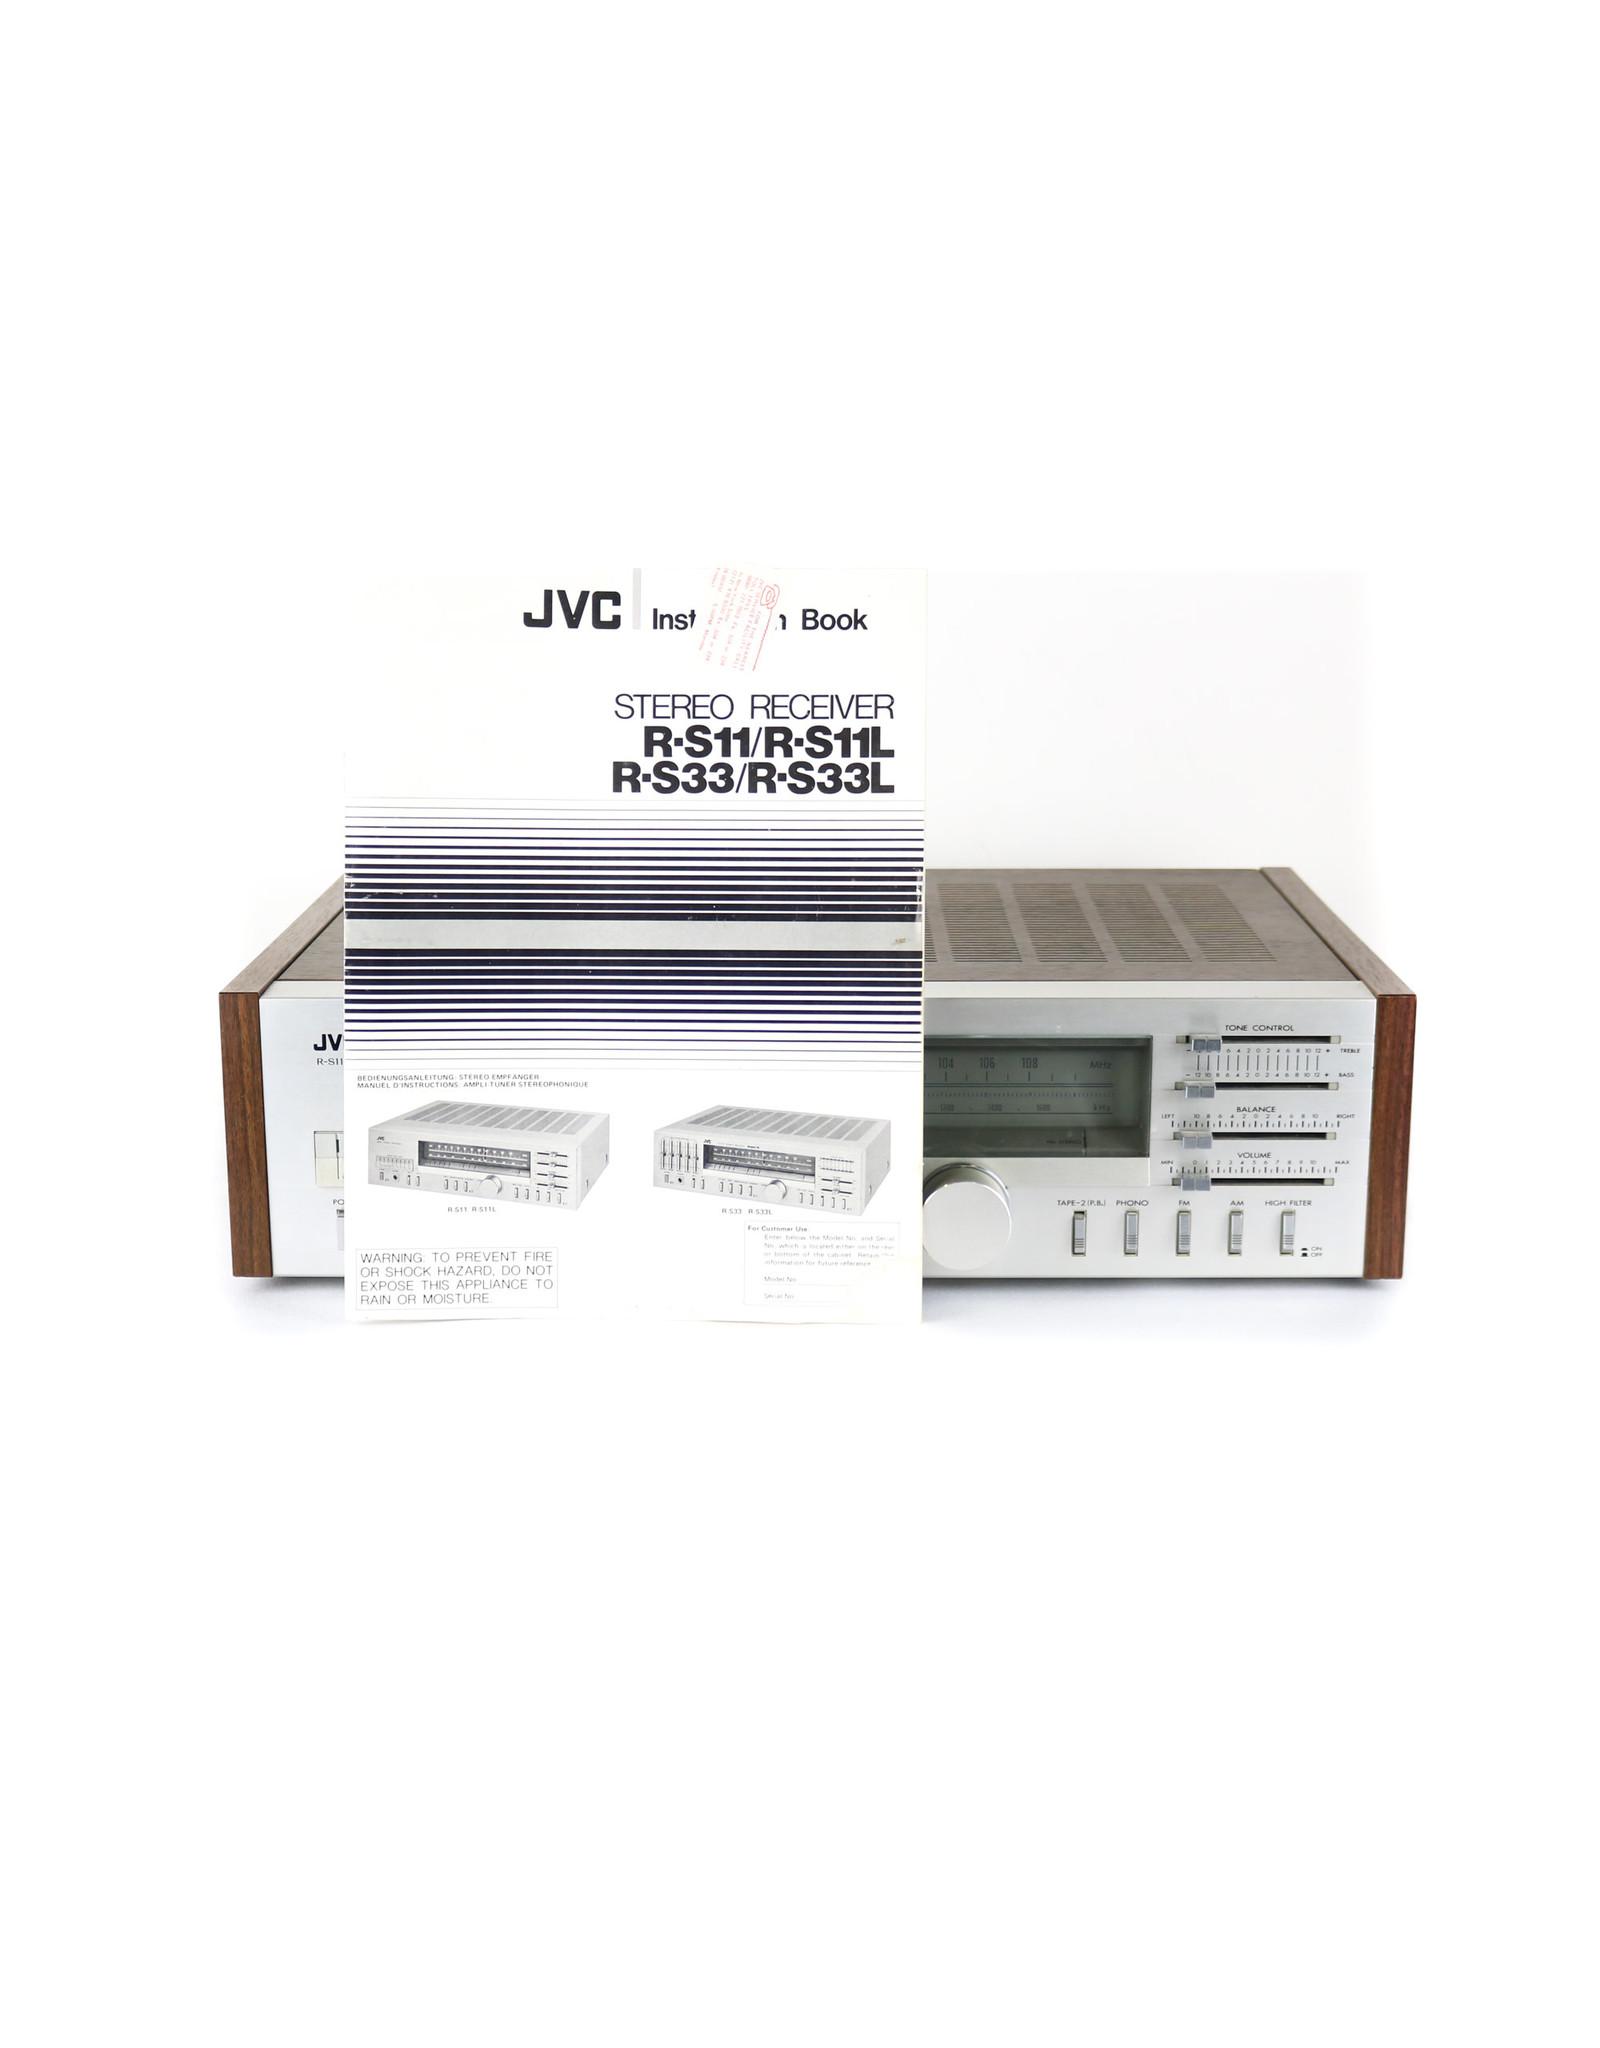 JVC JVC R-S11 Receiver USED